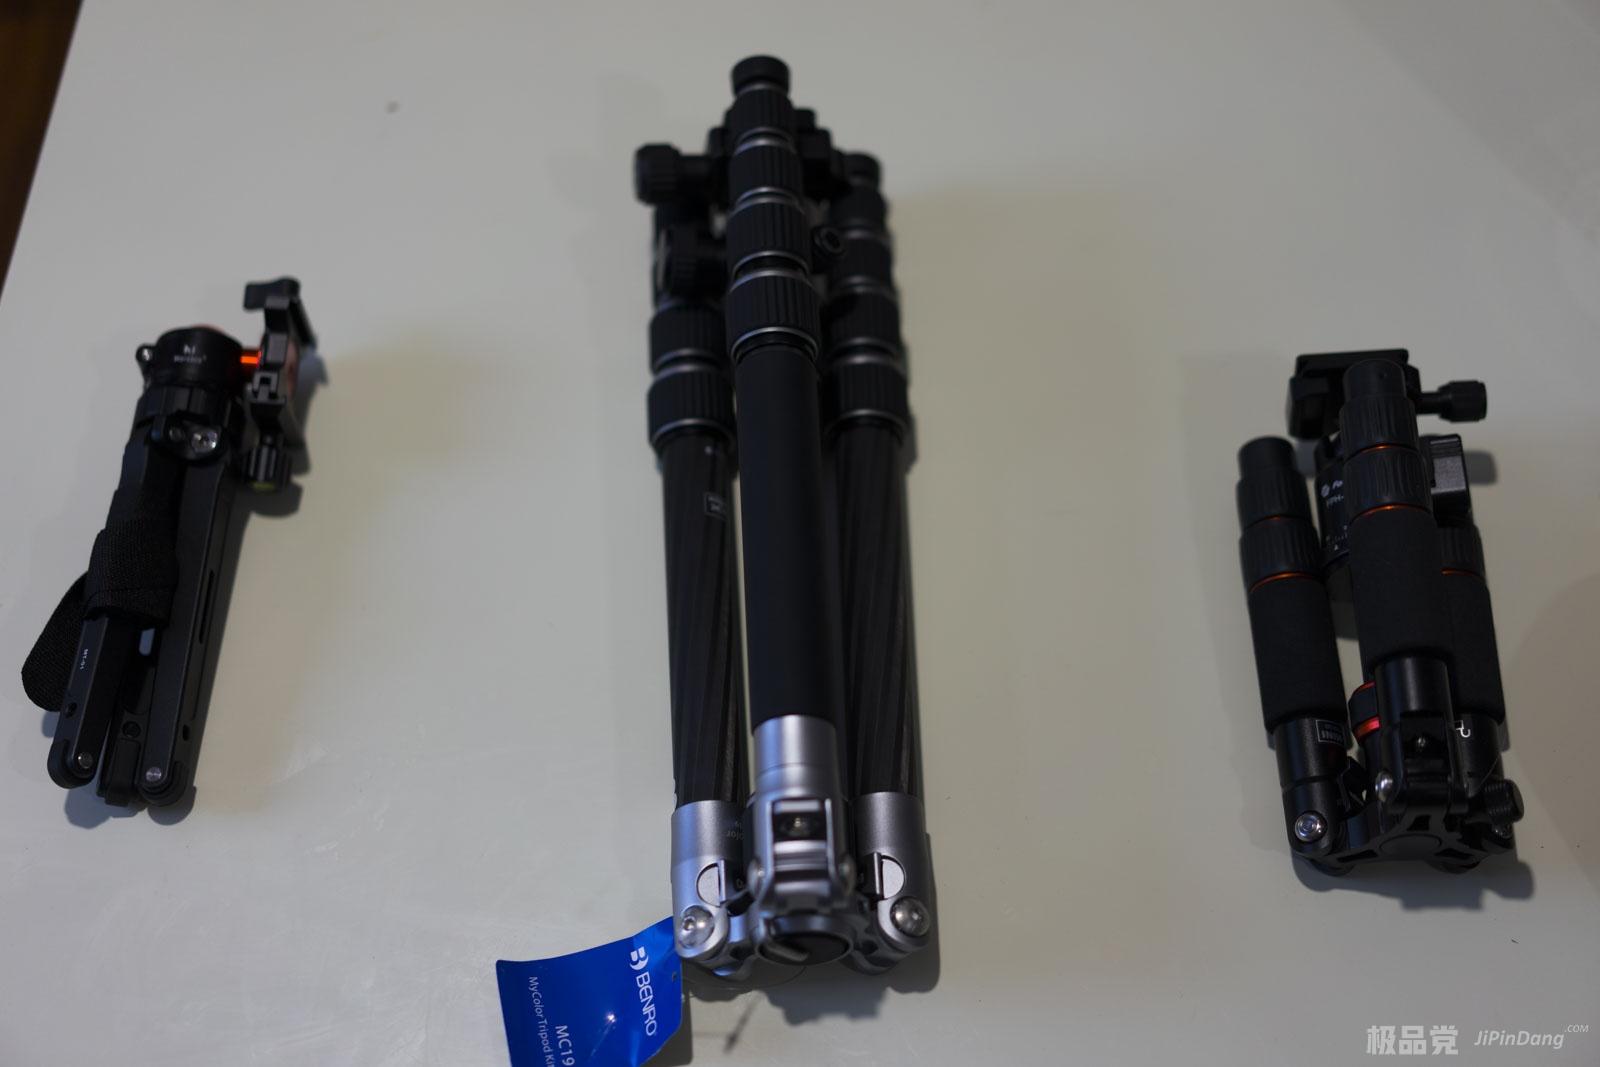 近期入手3个三脚架马小路MT-01、百诺MC19富图宝、富图宝M-4C简单使用对比评测-极品党